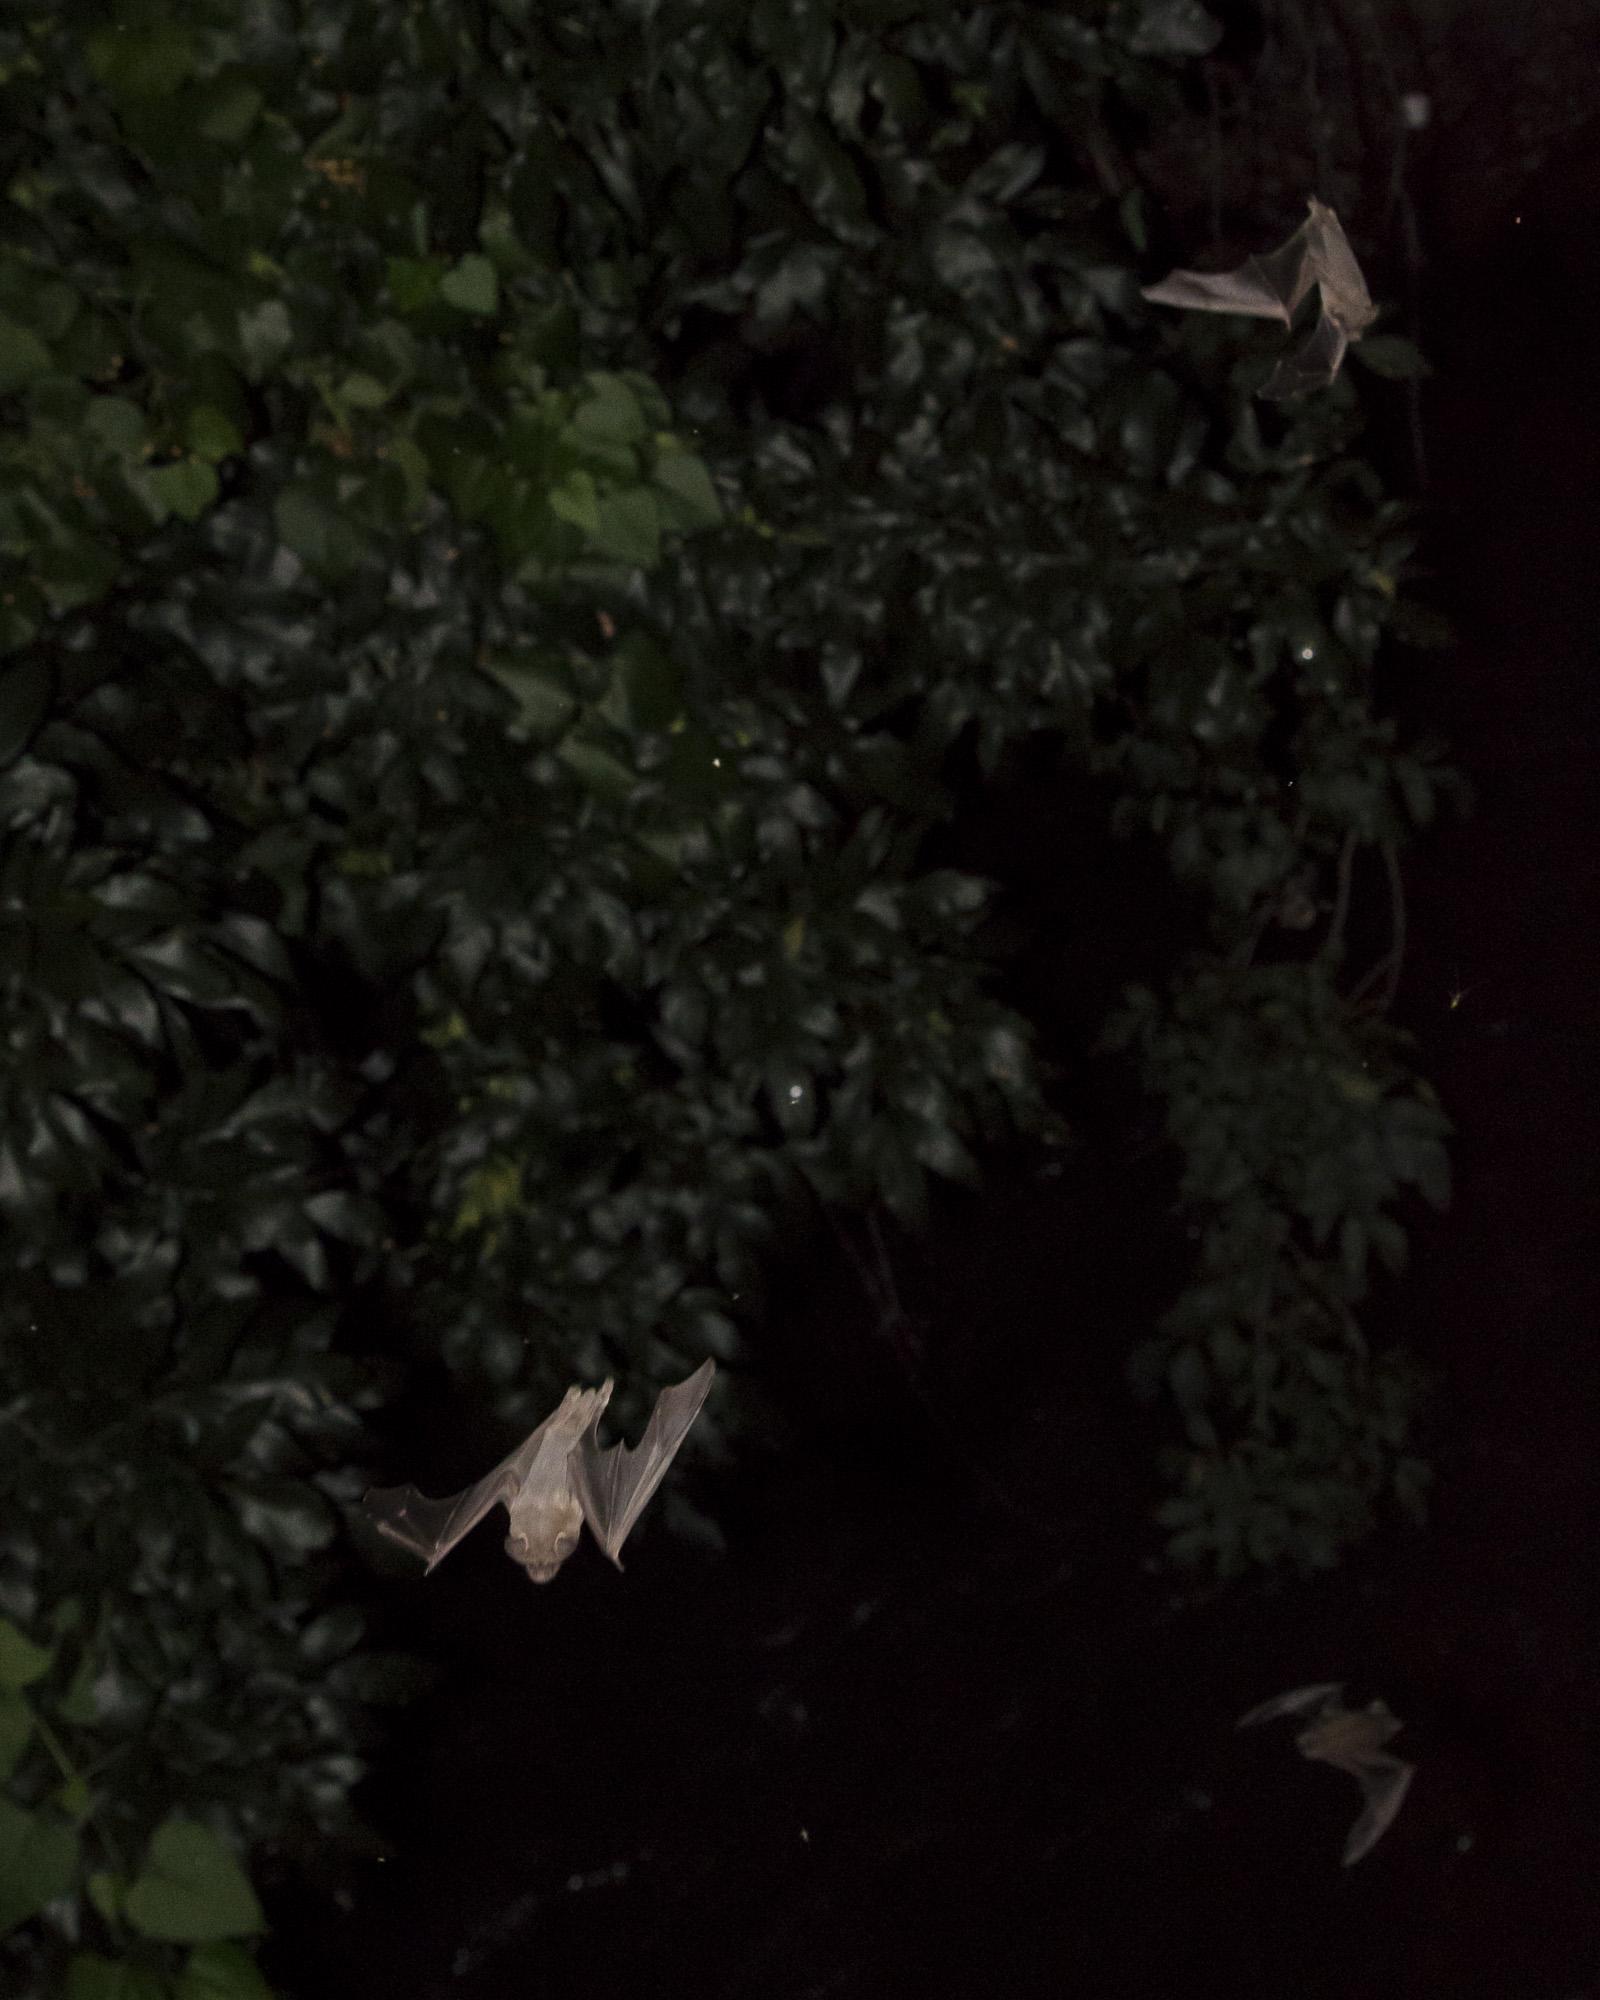 Bats_10.JPG